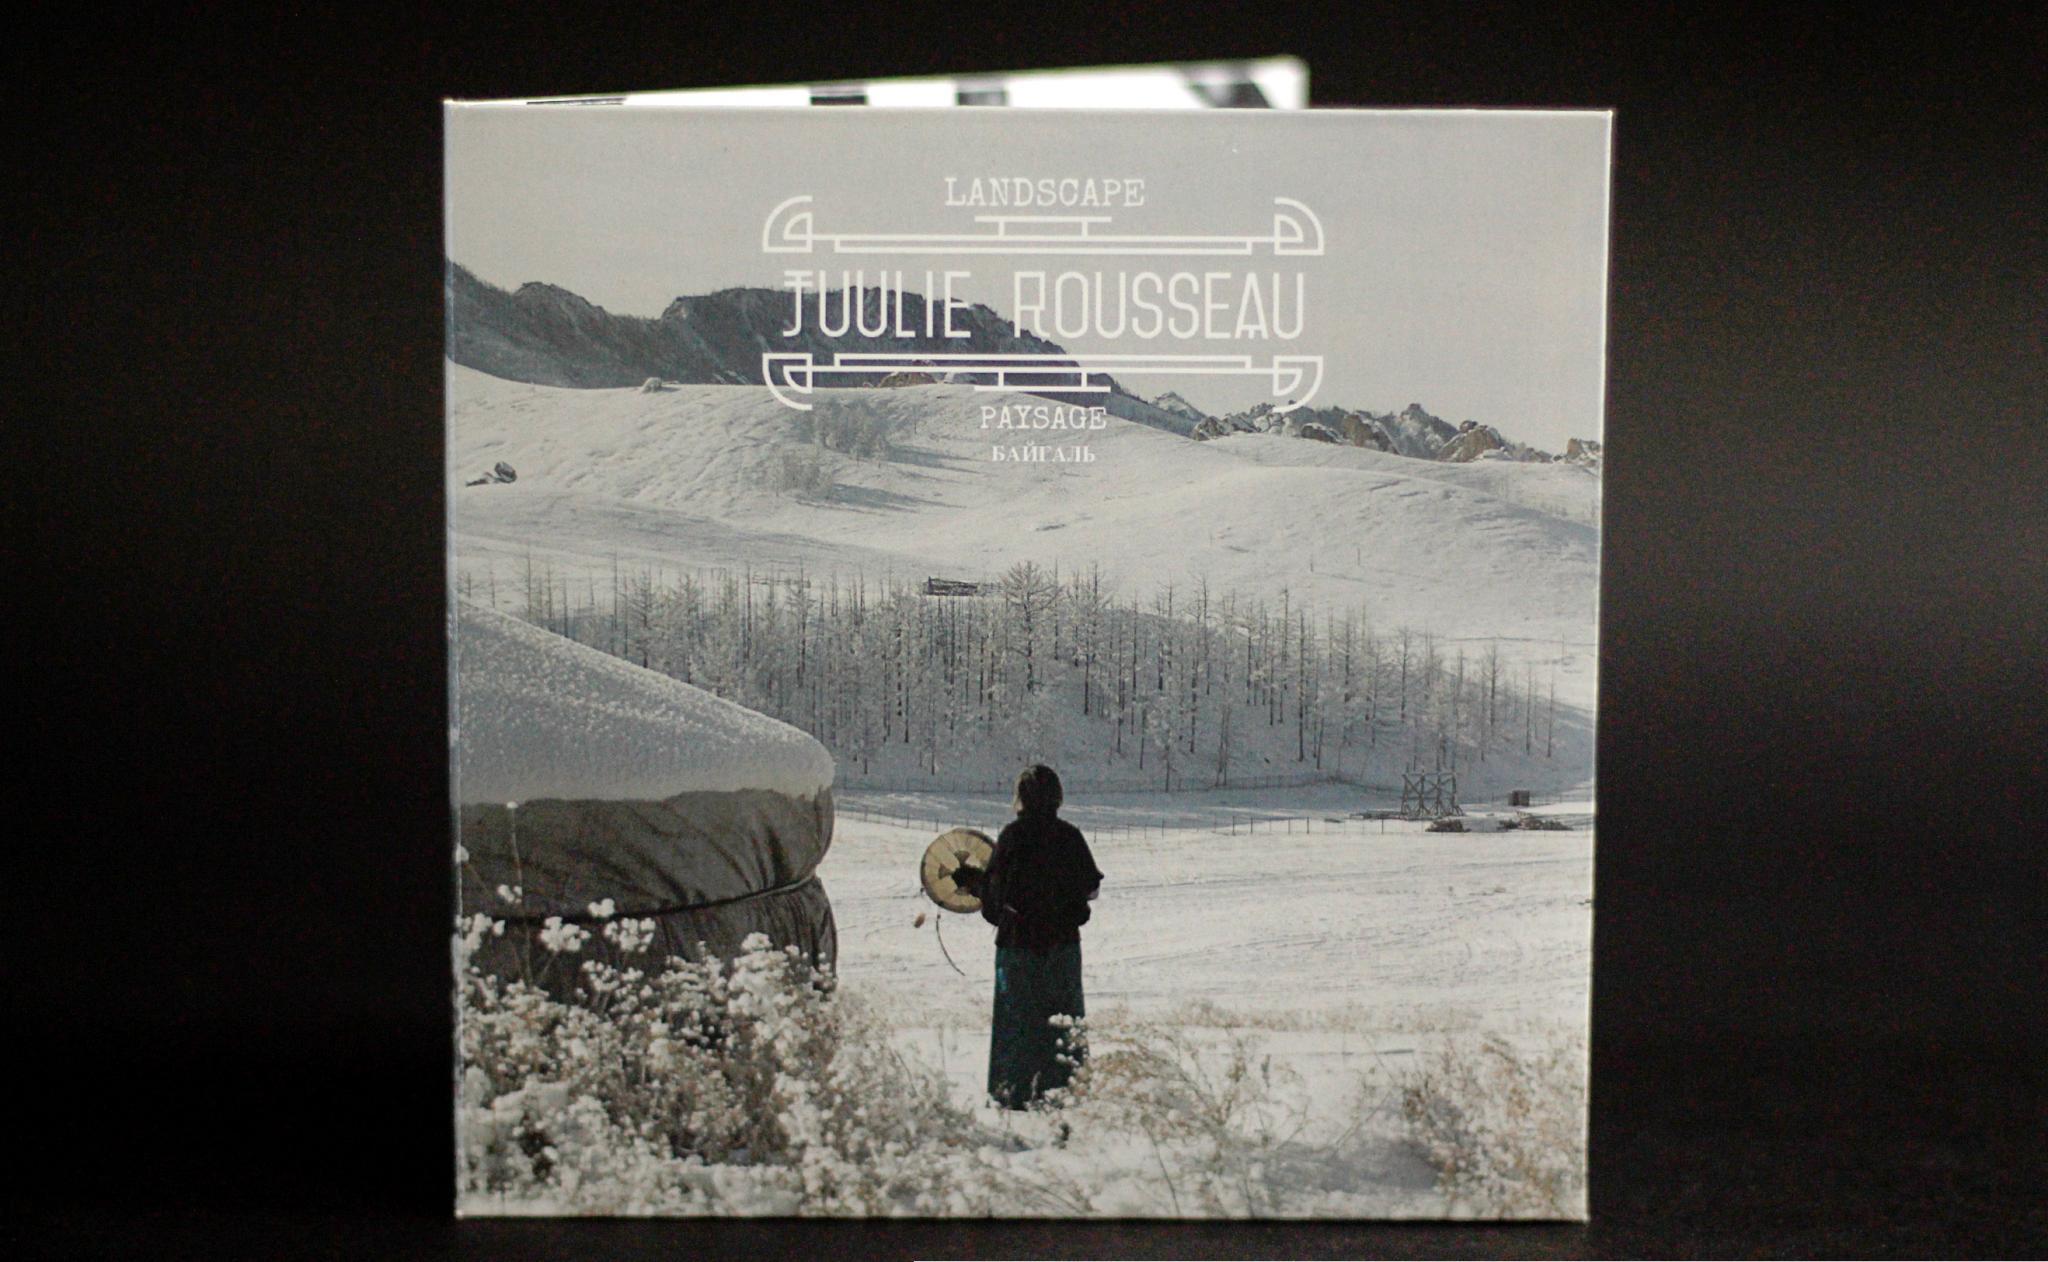 CD Juulie Rousseau